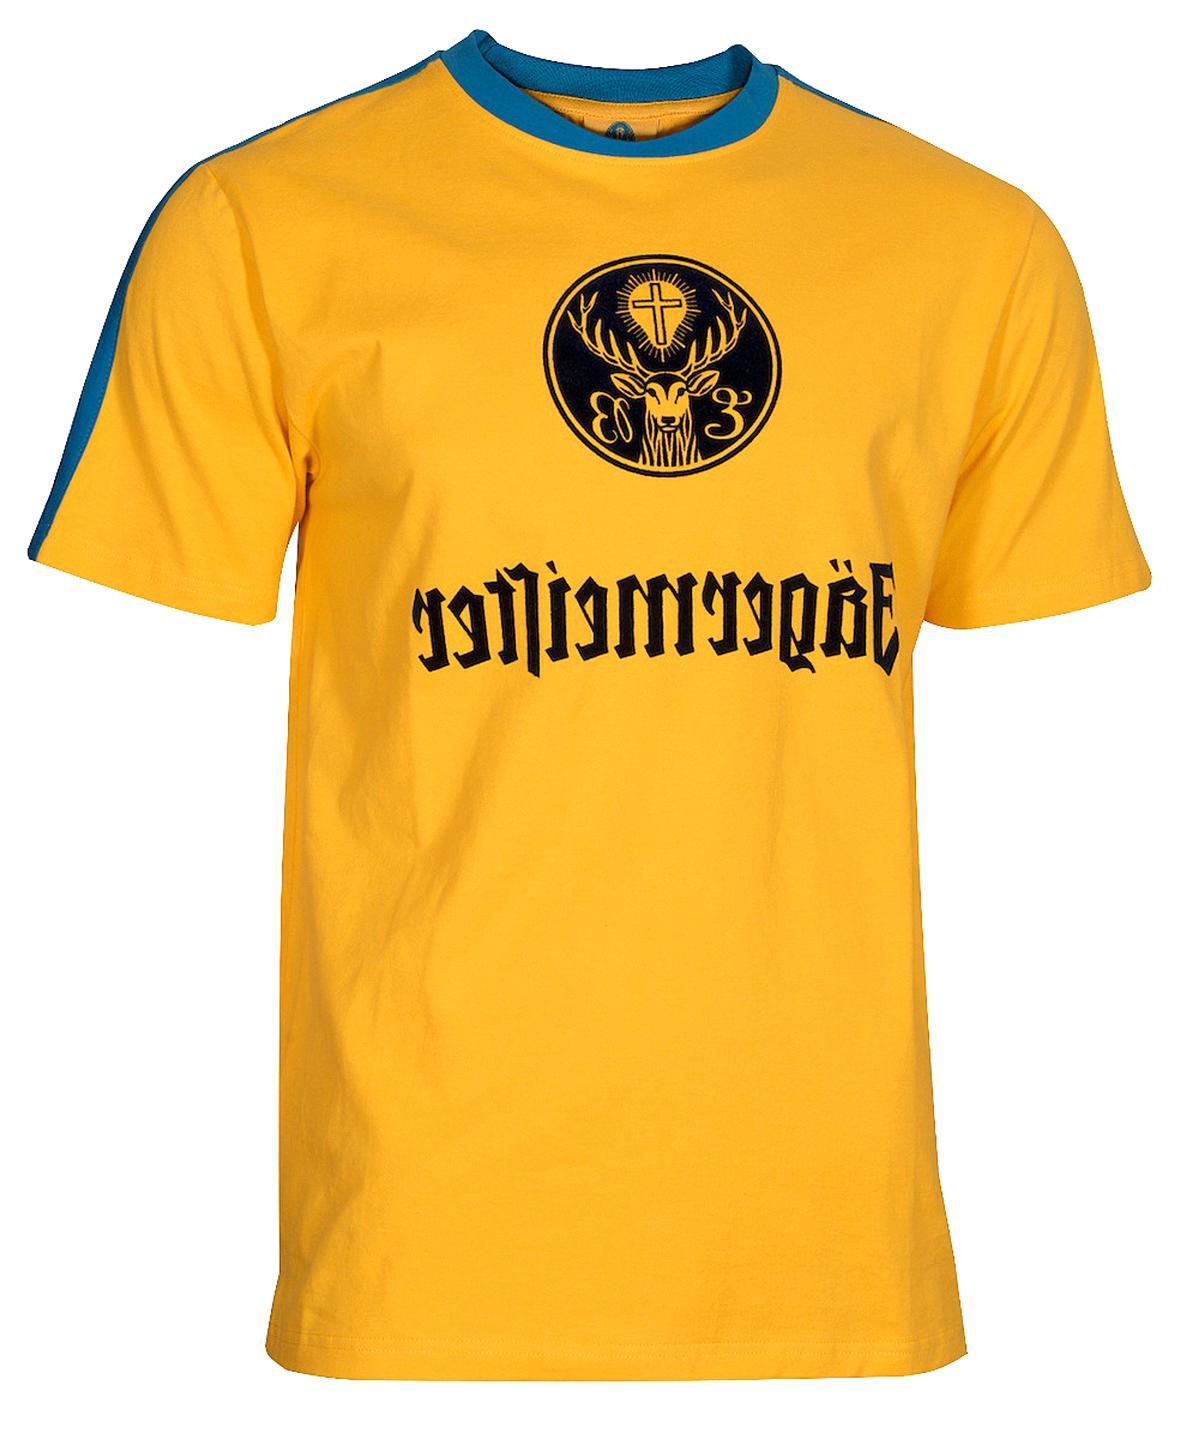 Eintracht Braunschweig Trikot 2021 17